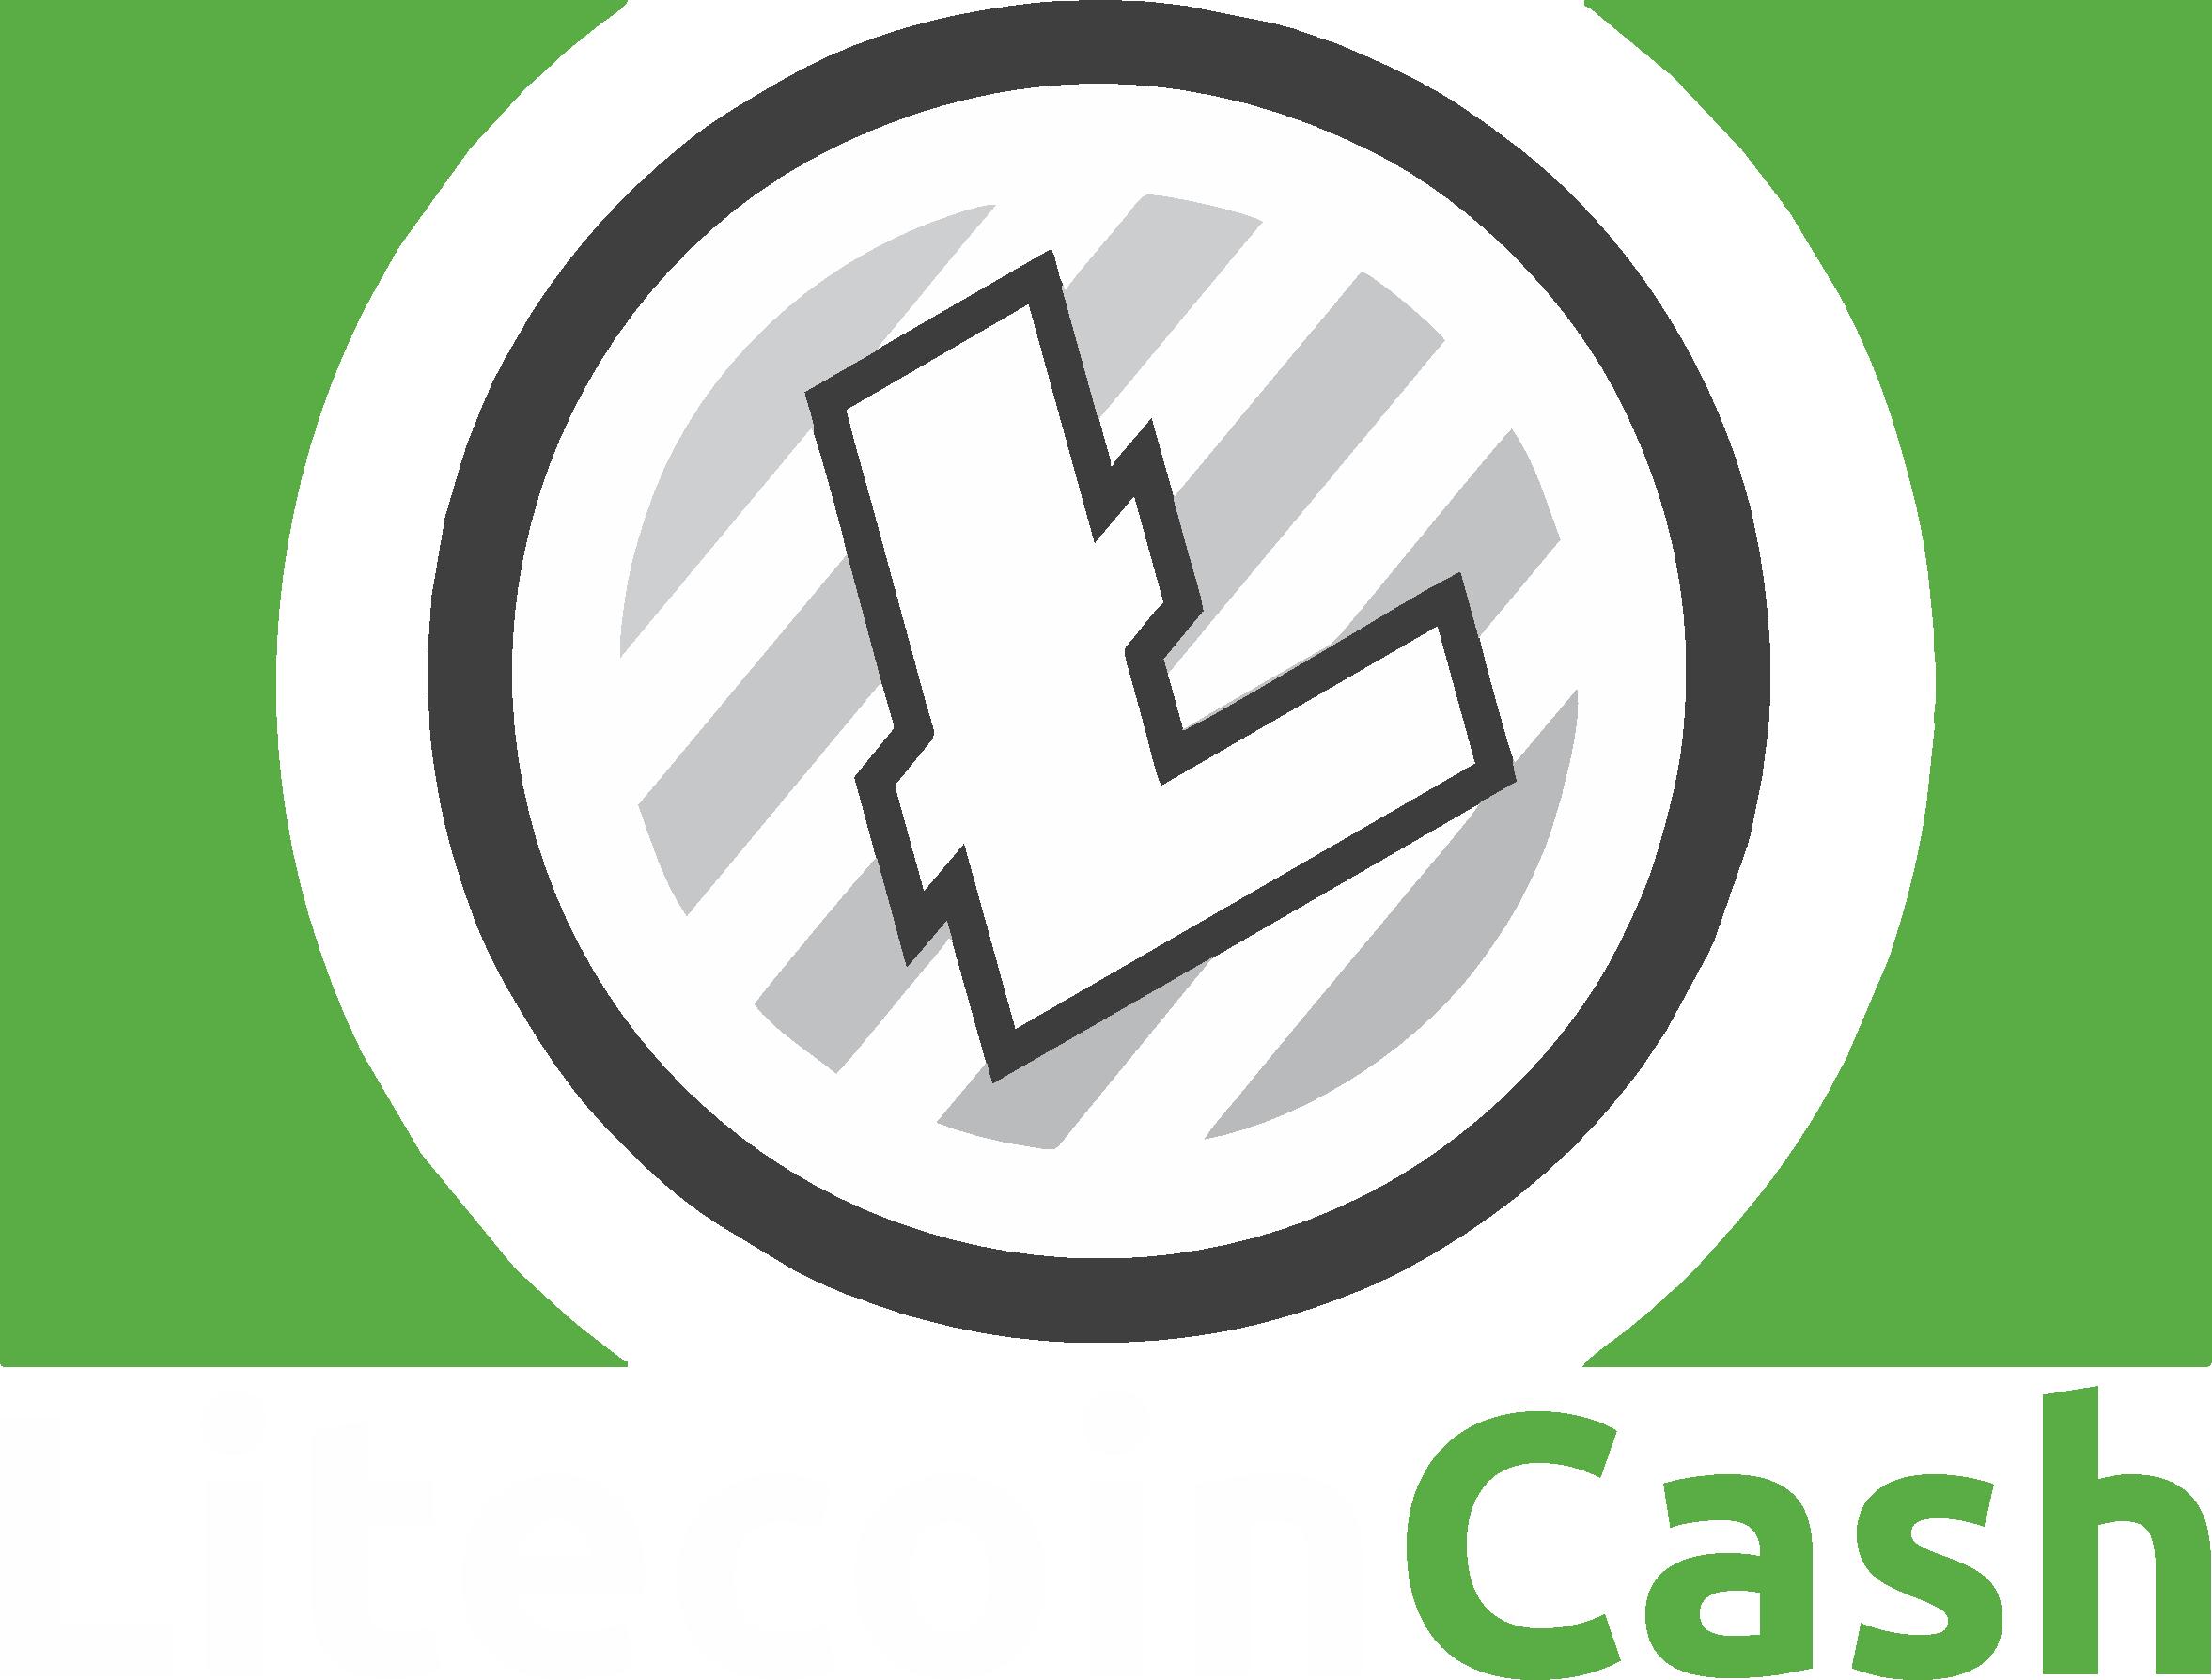 Litecoin Cash Bitcoin Bitcoin Mining Hardware Bitcoin Mining Software